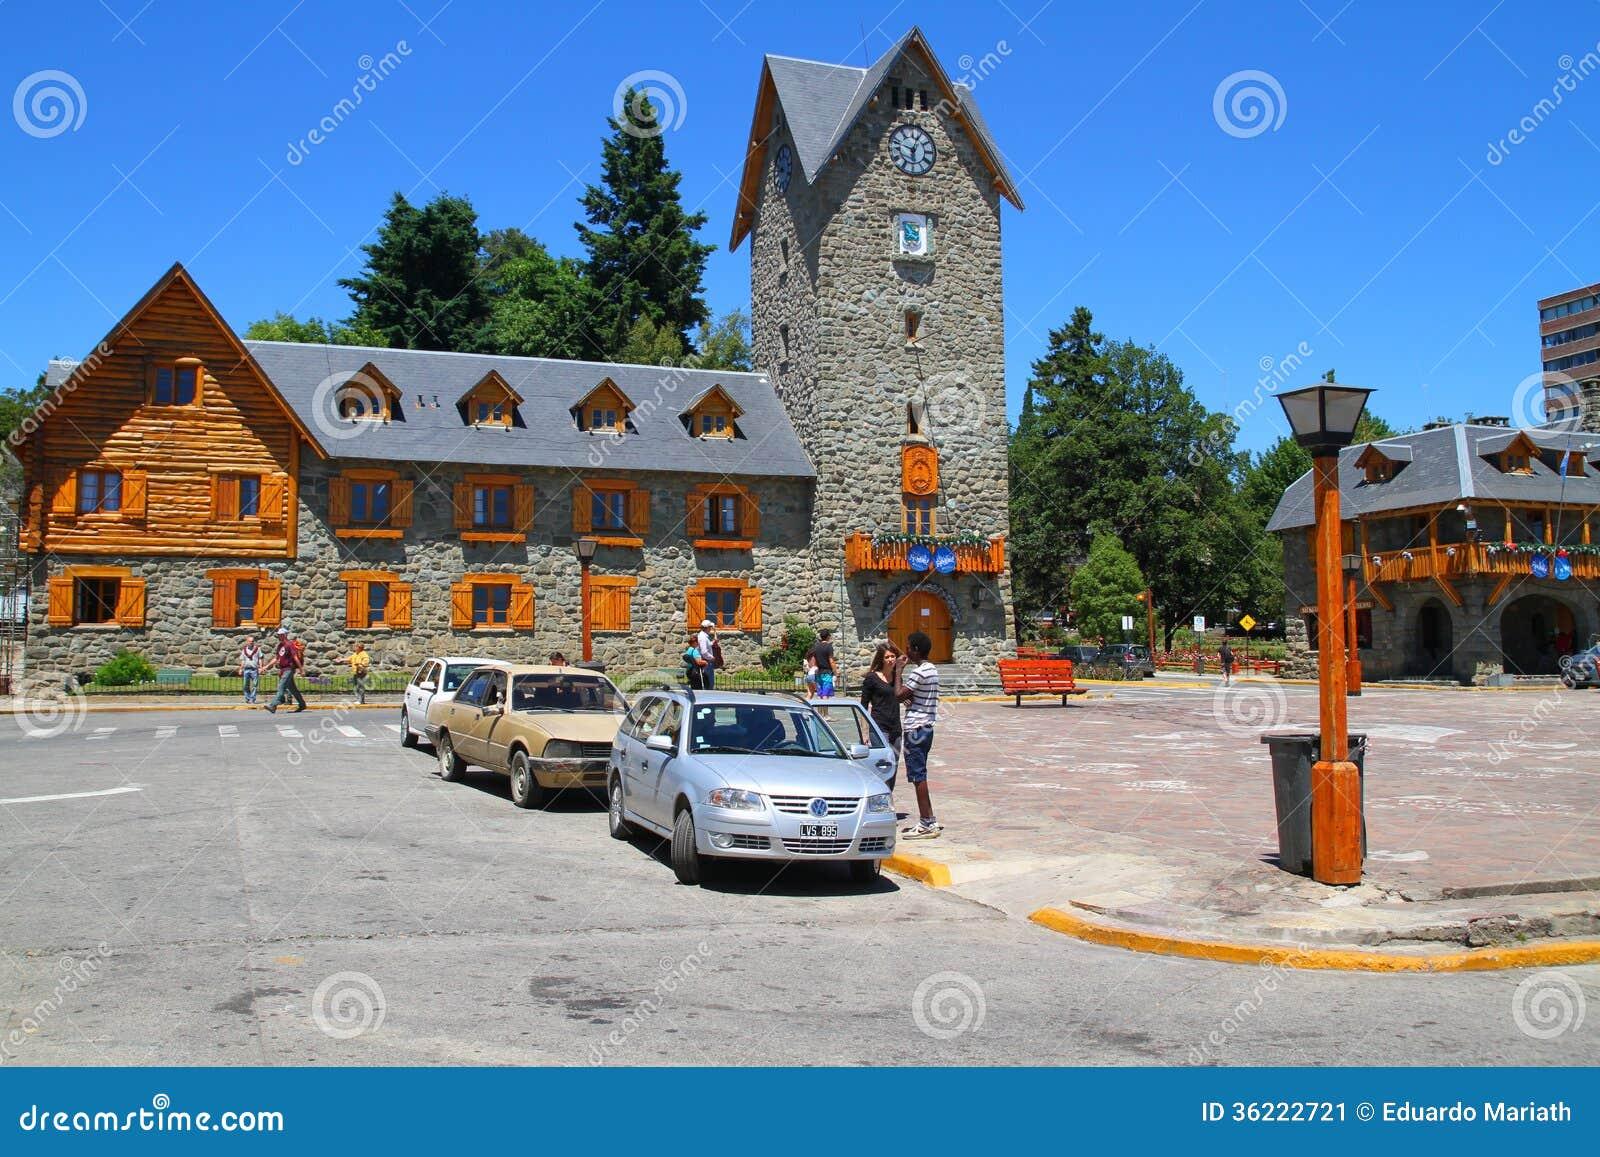 Centro municipal - Bariloche - la Argentina